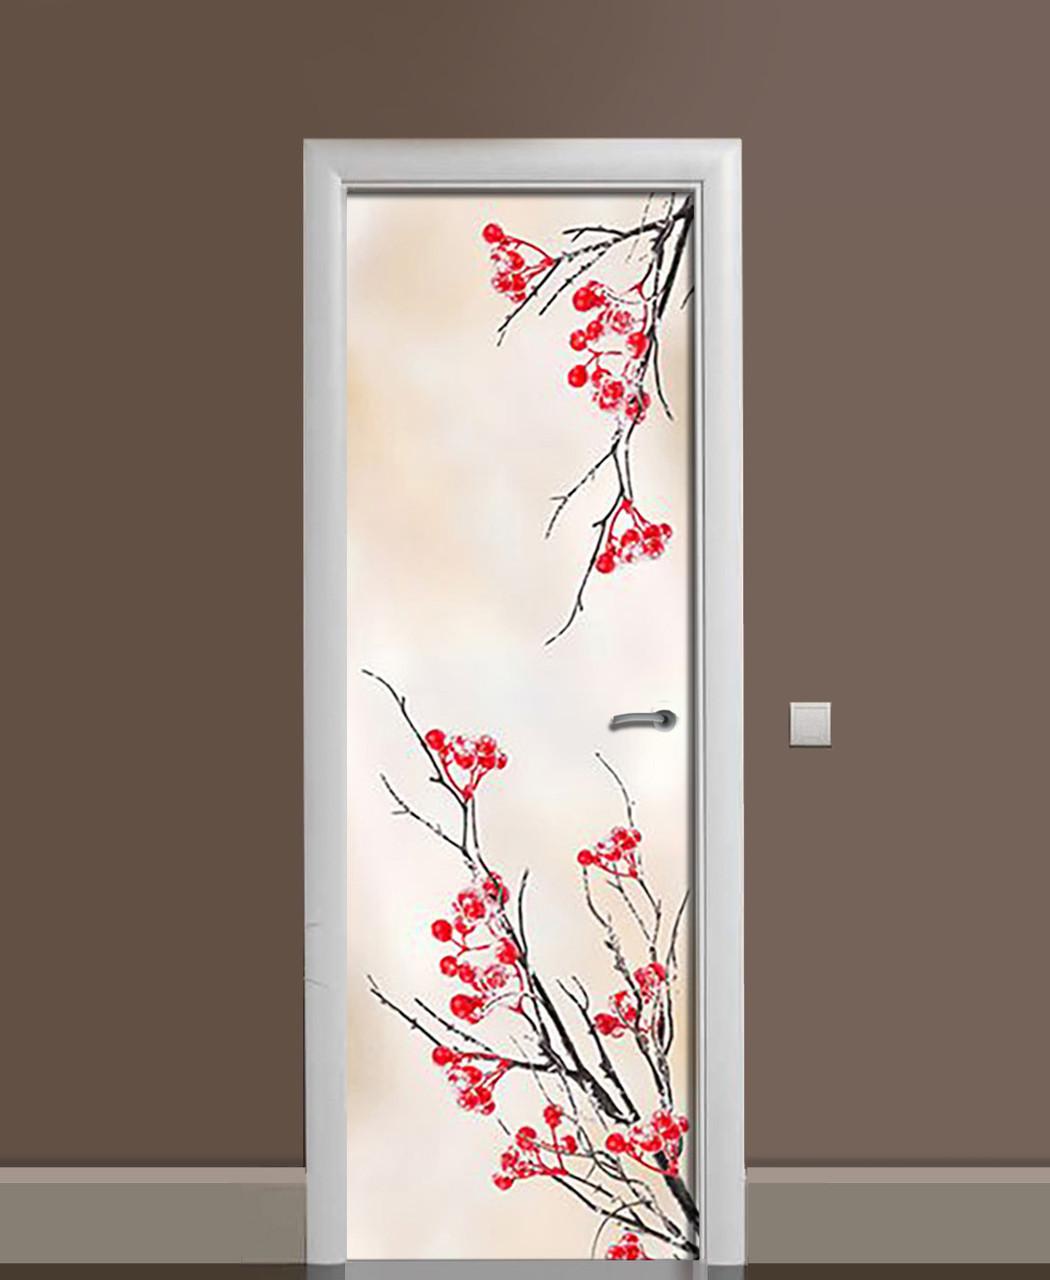 Декоративна наклейка на двері Калина в інеї Червоні ягоди ПВХ плівка з ламінуванням 65*200см Рослини Бежевий